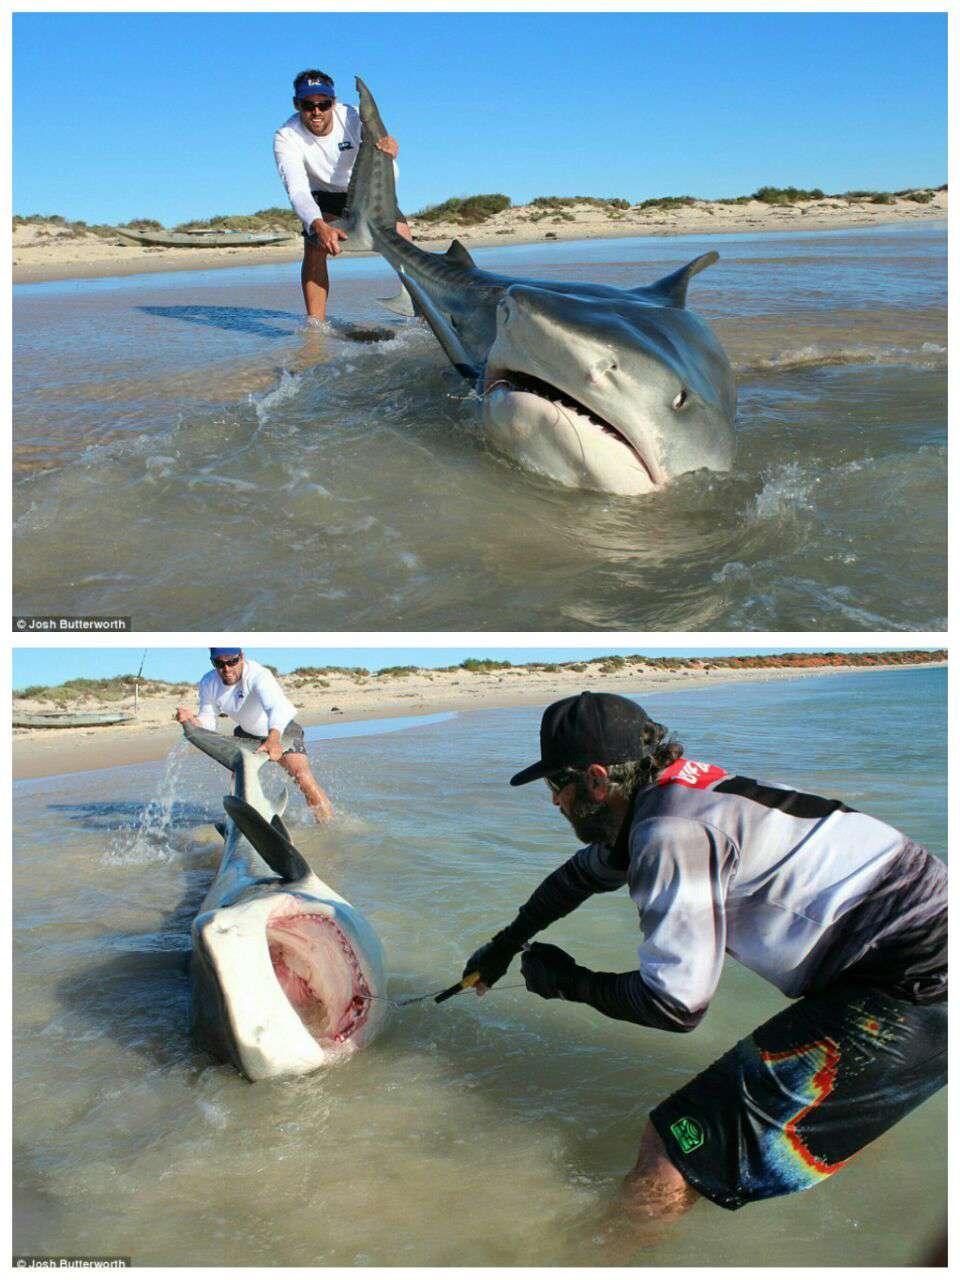 دو ماهیگیر شجاع در سواحل استرالیا یک کوسه بزرگ صید کردند